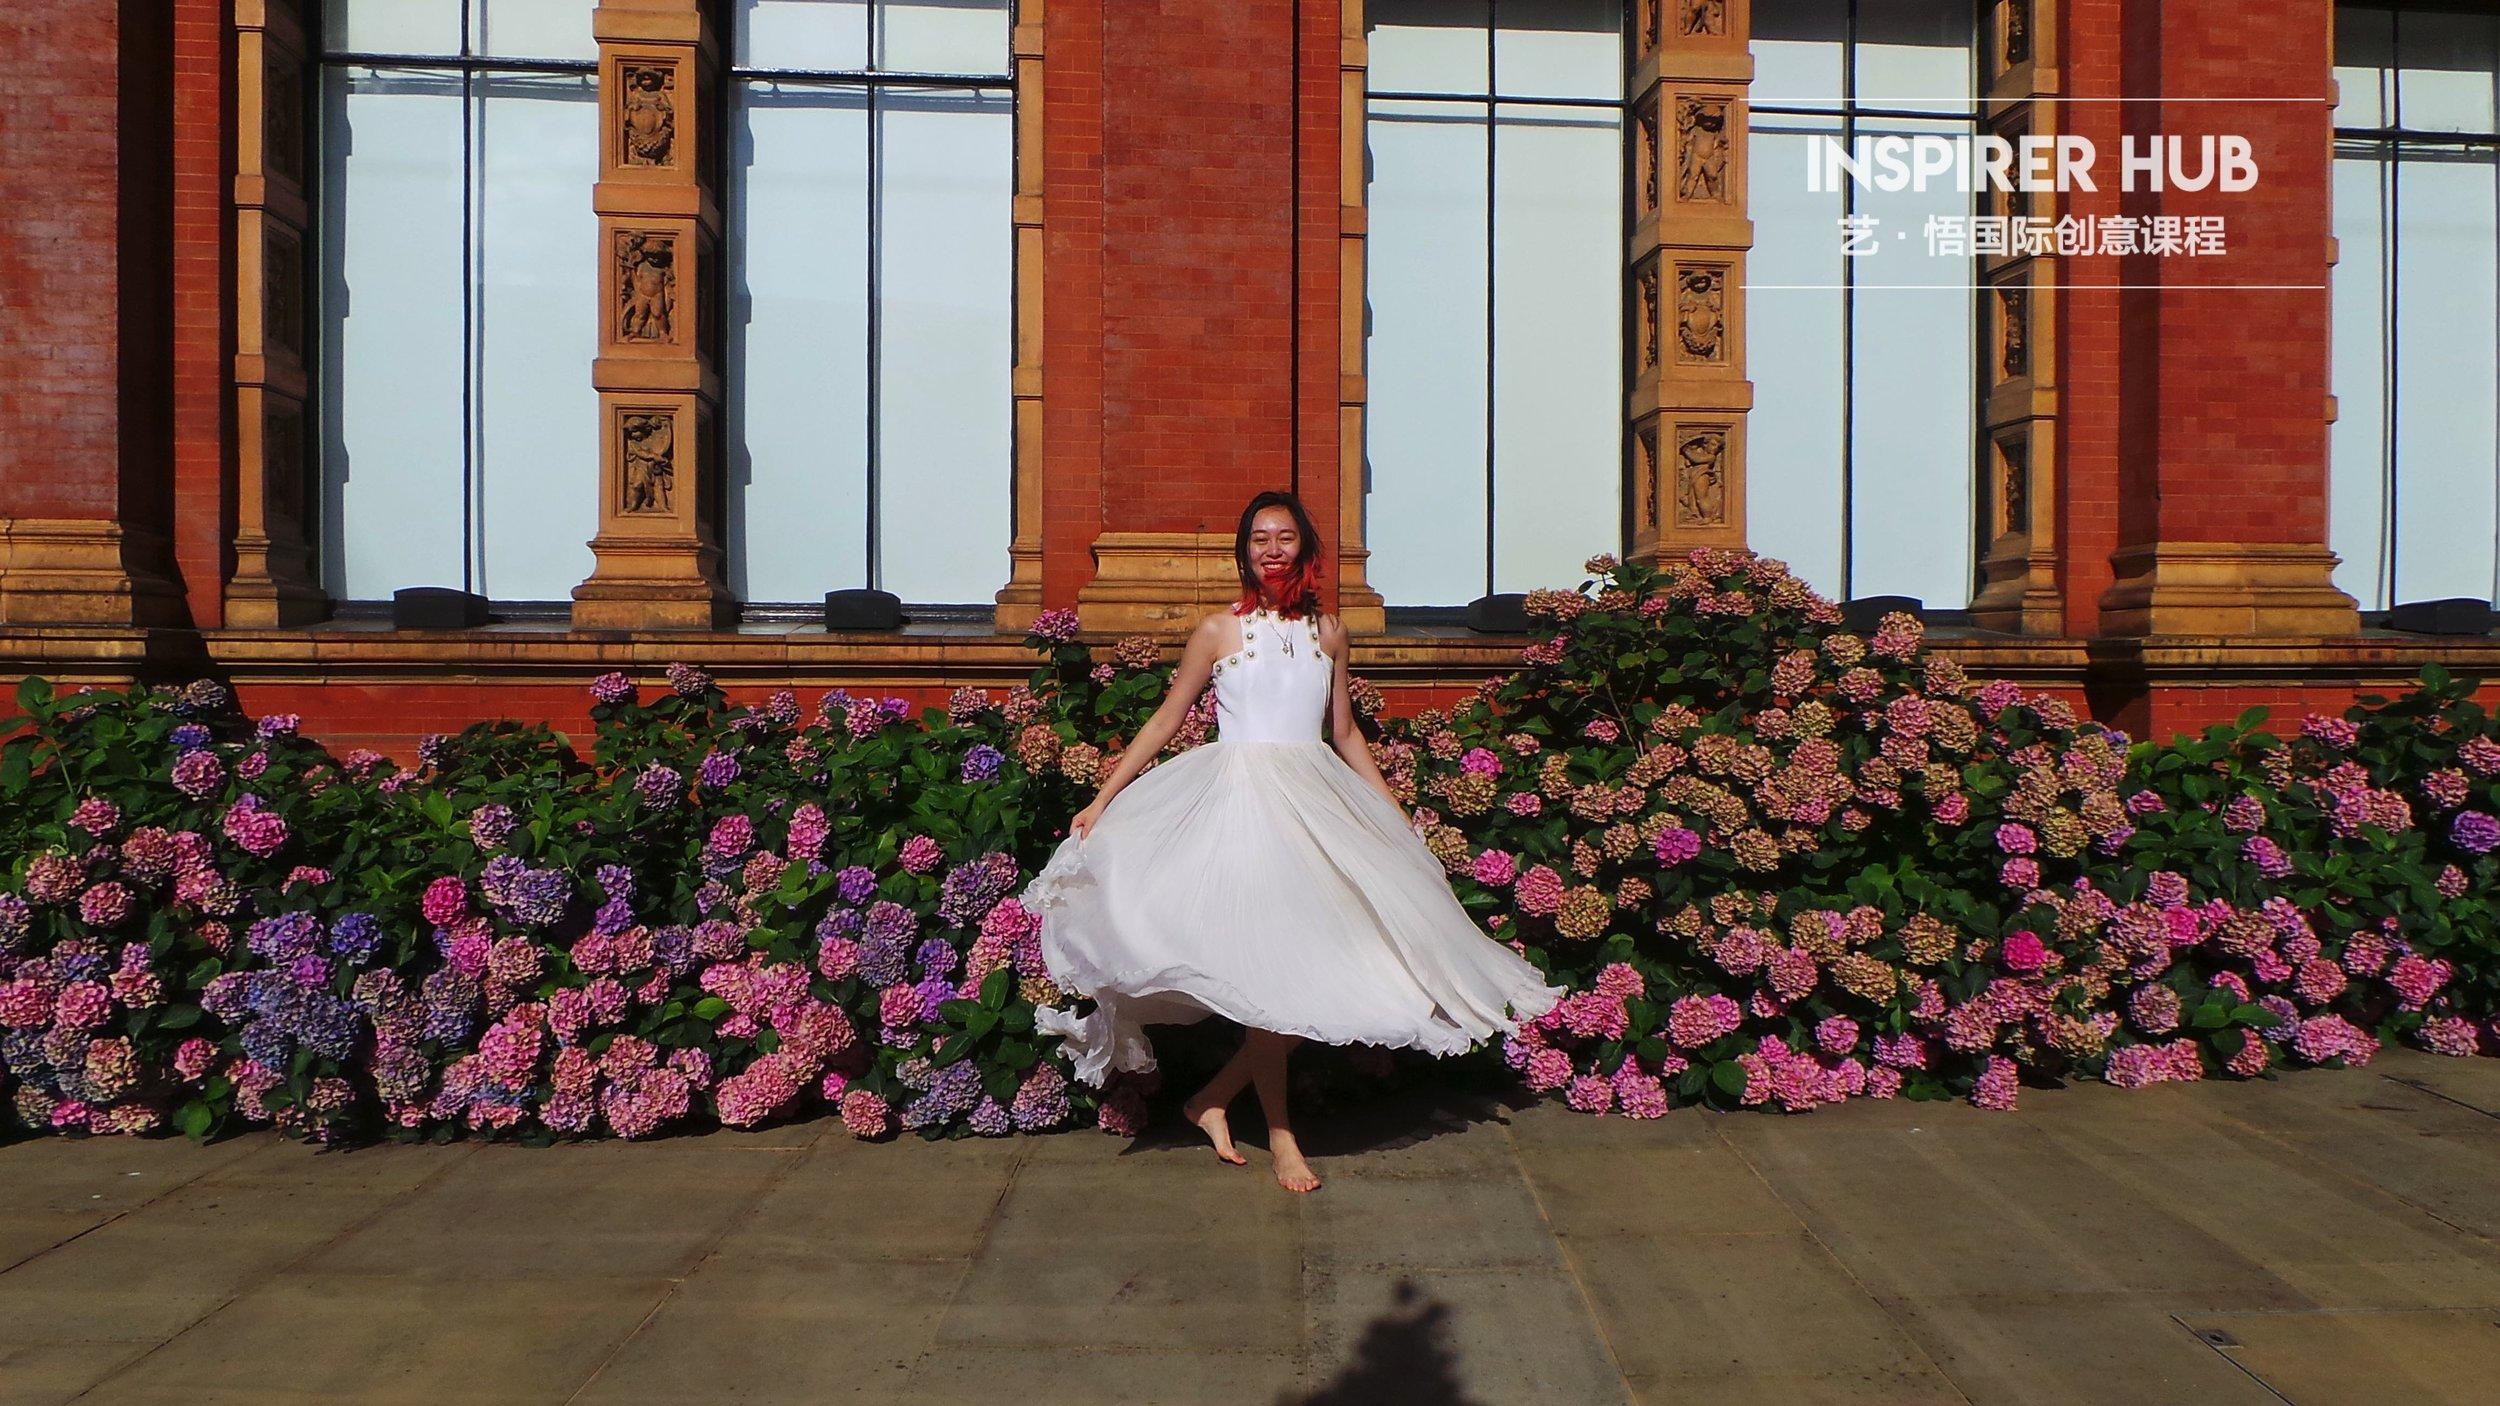 07 Europ Fashion History & Balenciaga Exhibition33.jpg